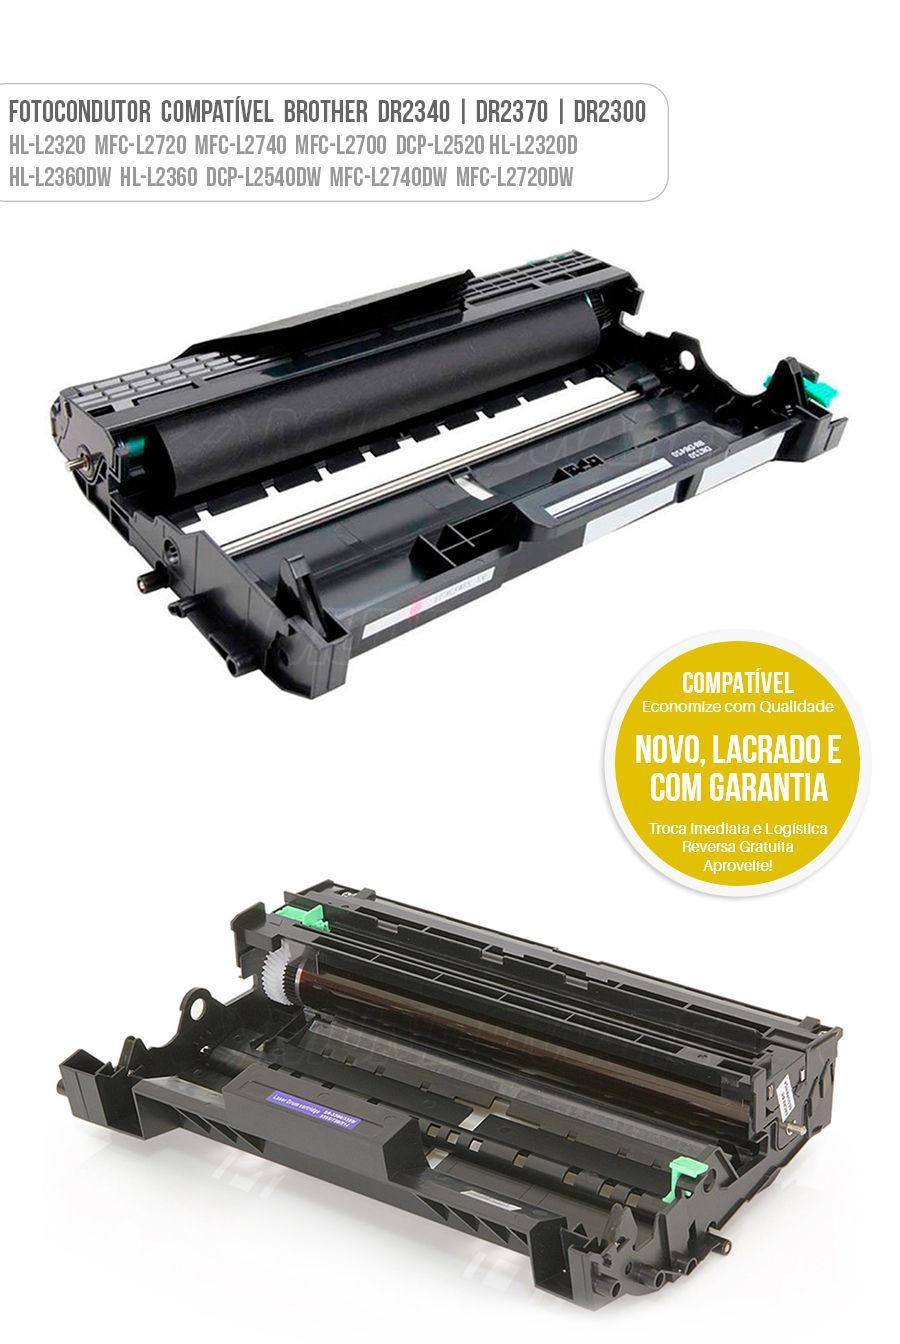 Drum Fotocondutor Tambor de Imagem Unidade Cilindro Kit DR 2340 2370 DR2300